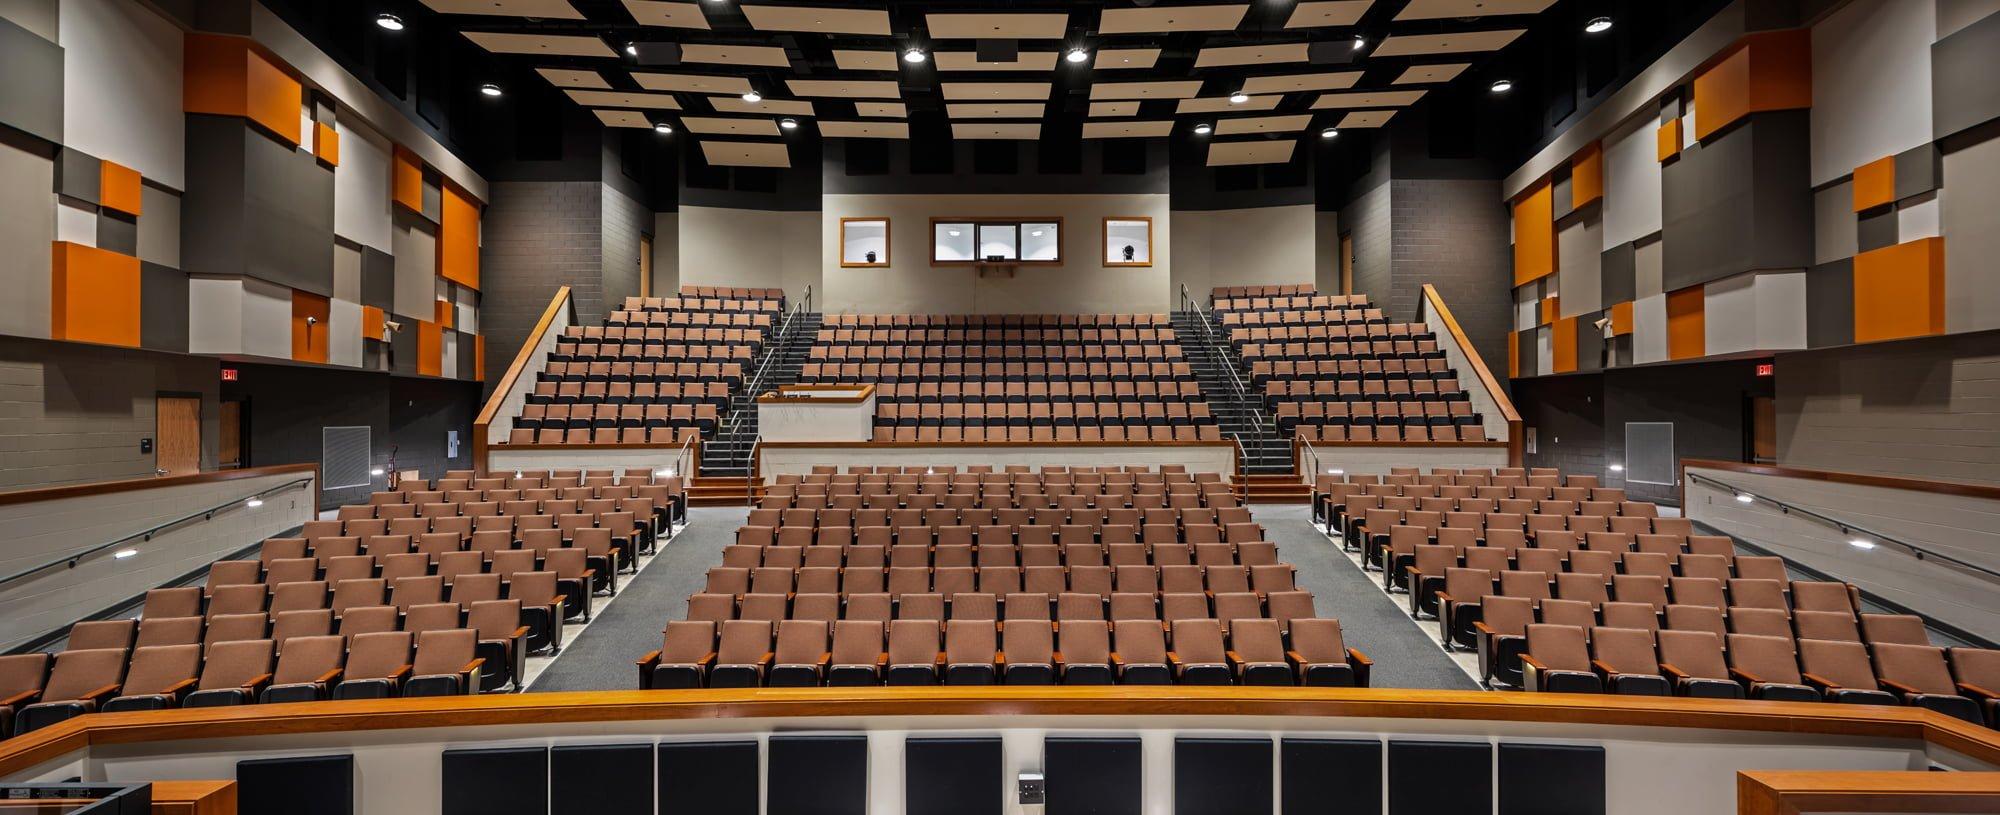 Austin High School Auditorium